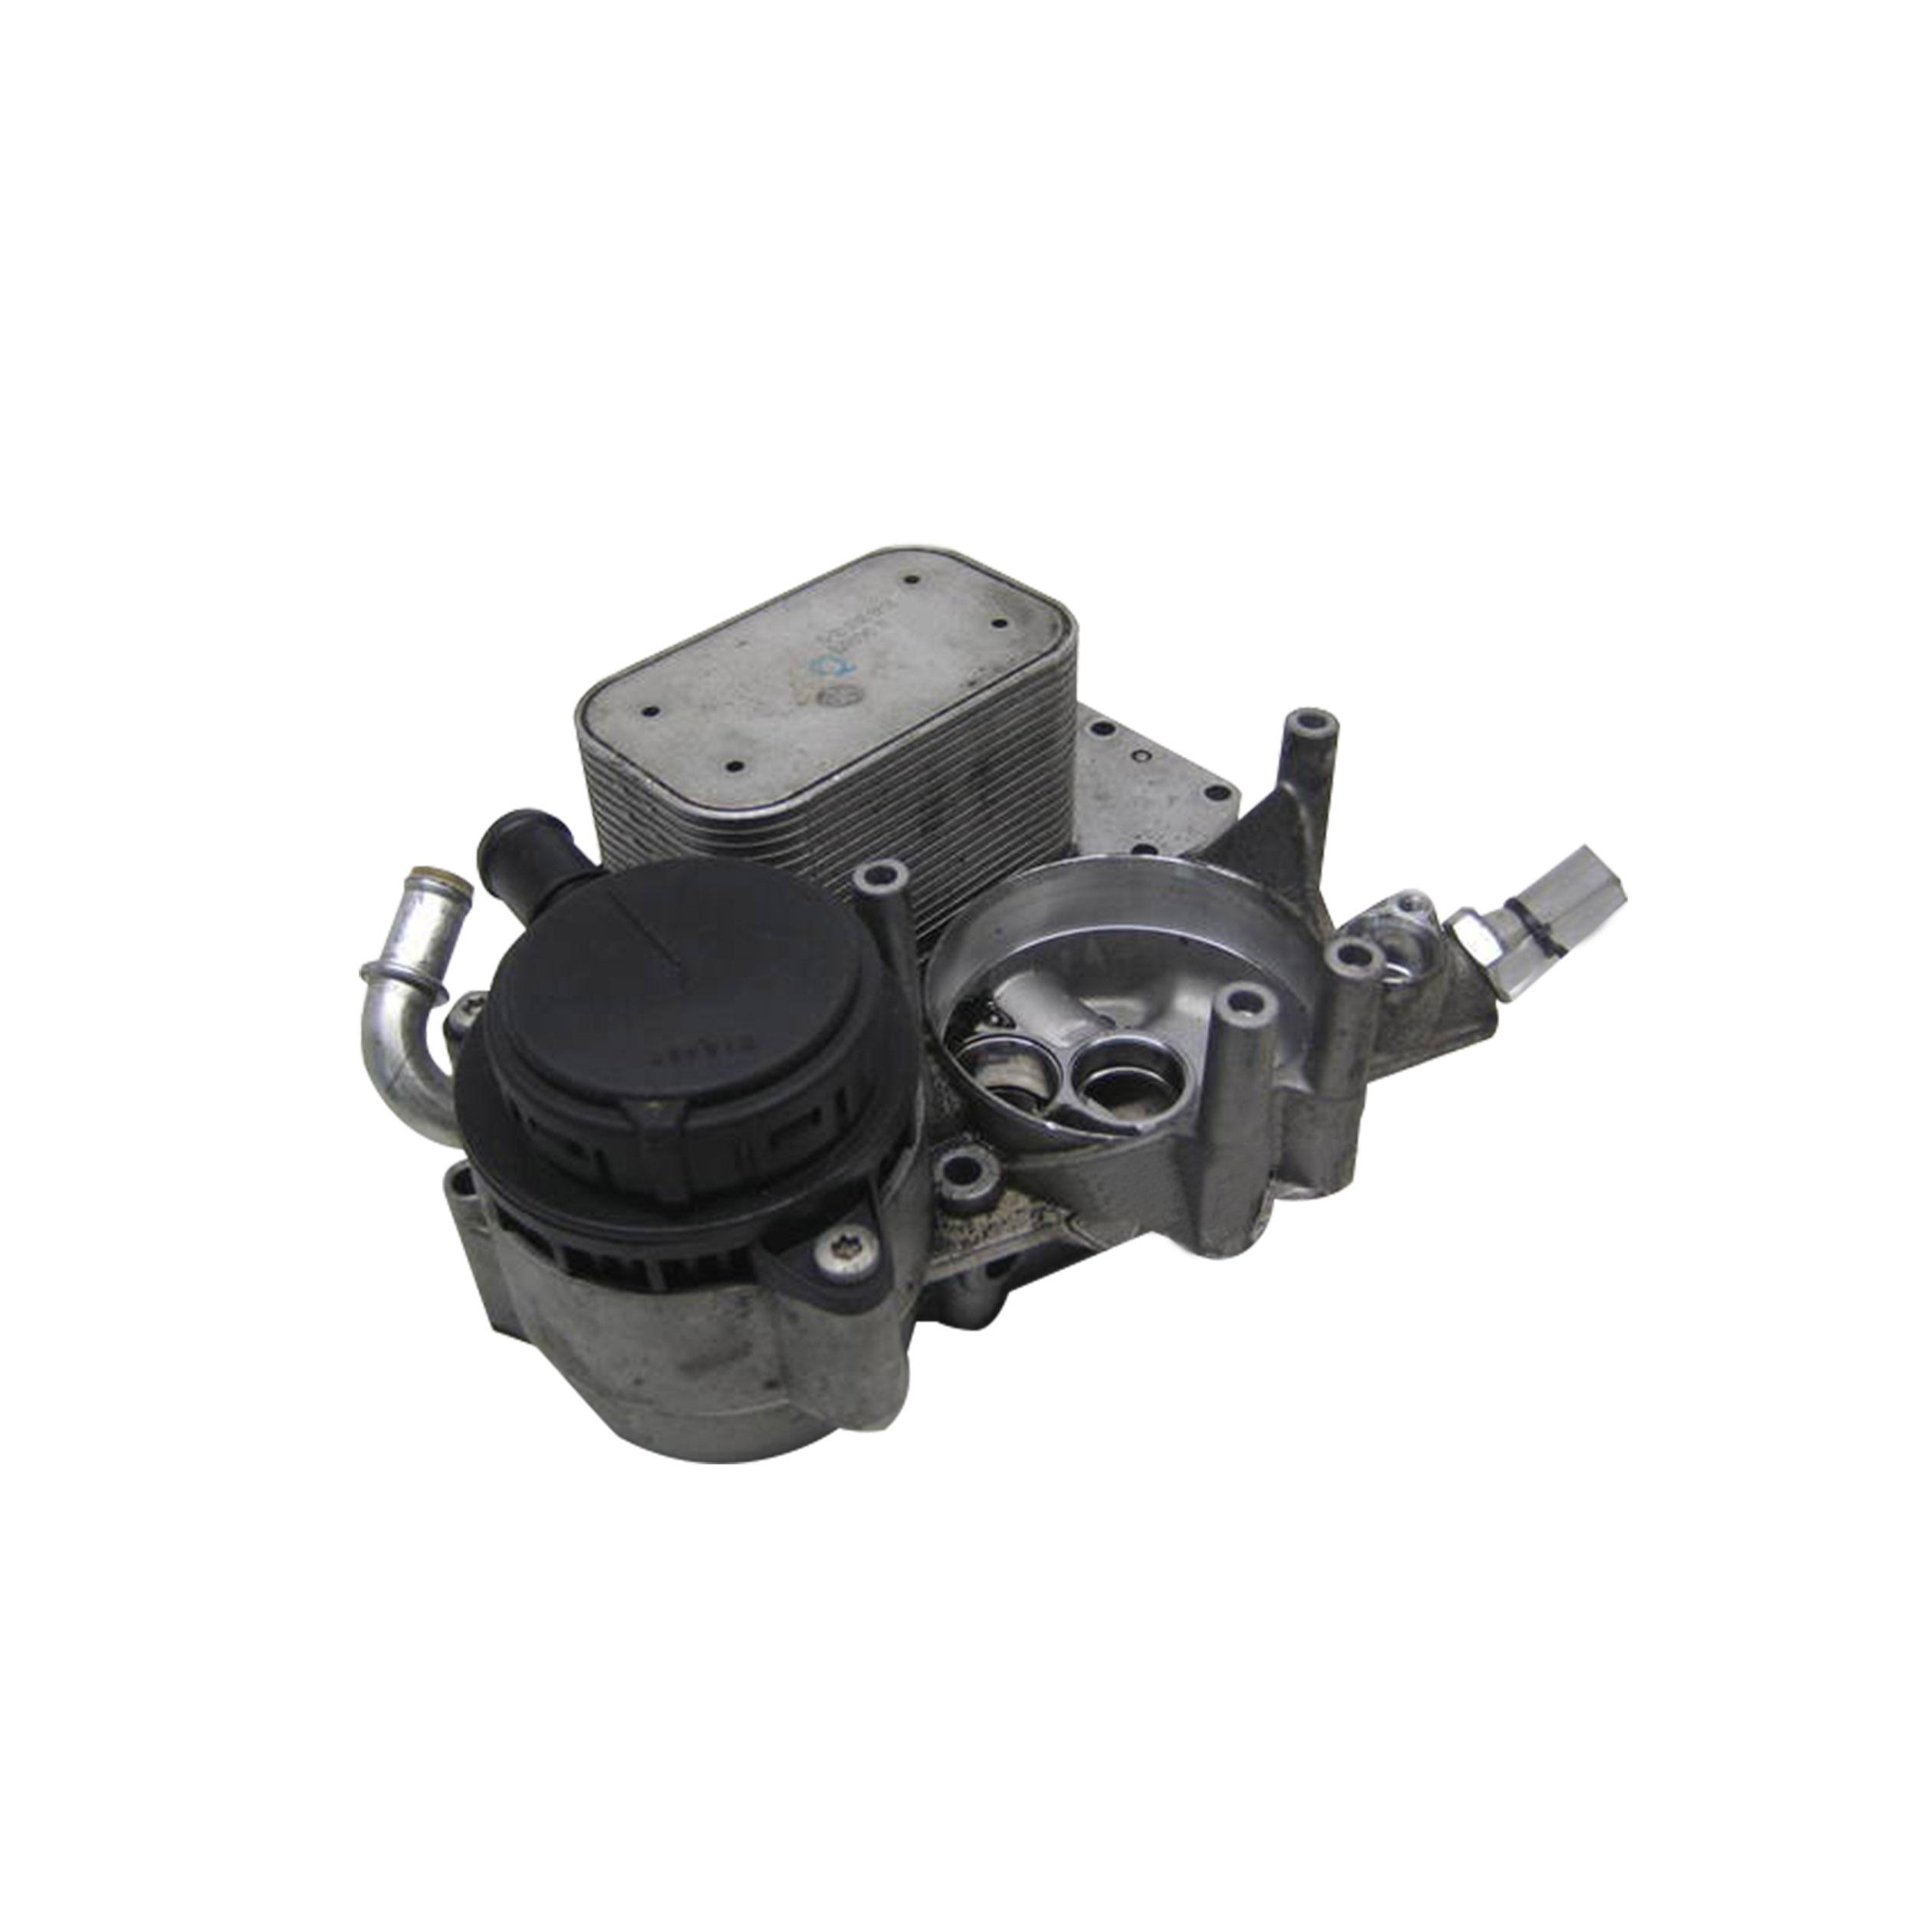 Yağ Filtre Kütüğü - Audi A4,Q5 - Touareg